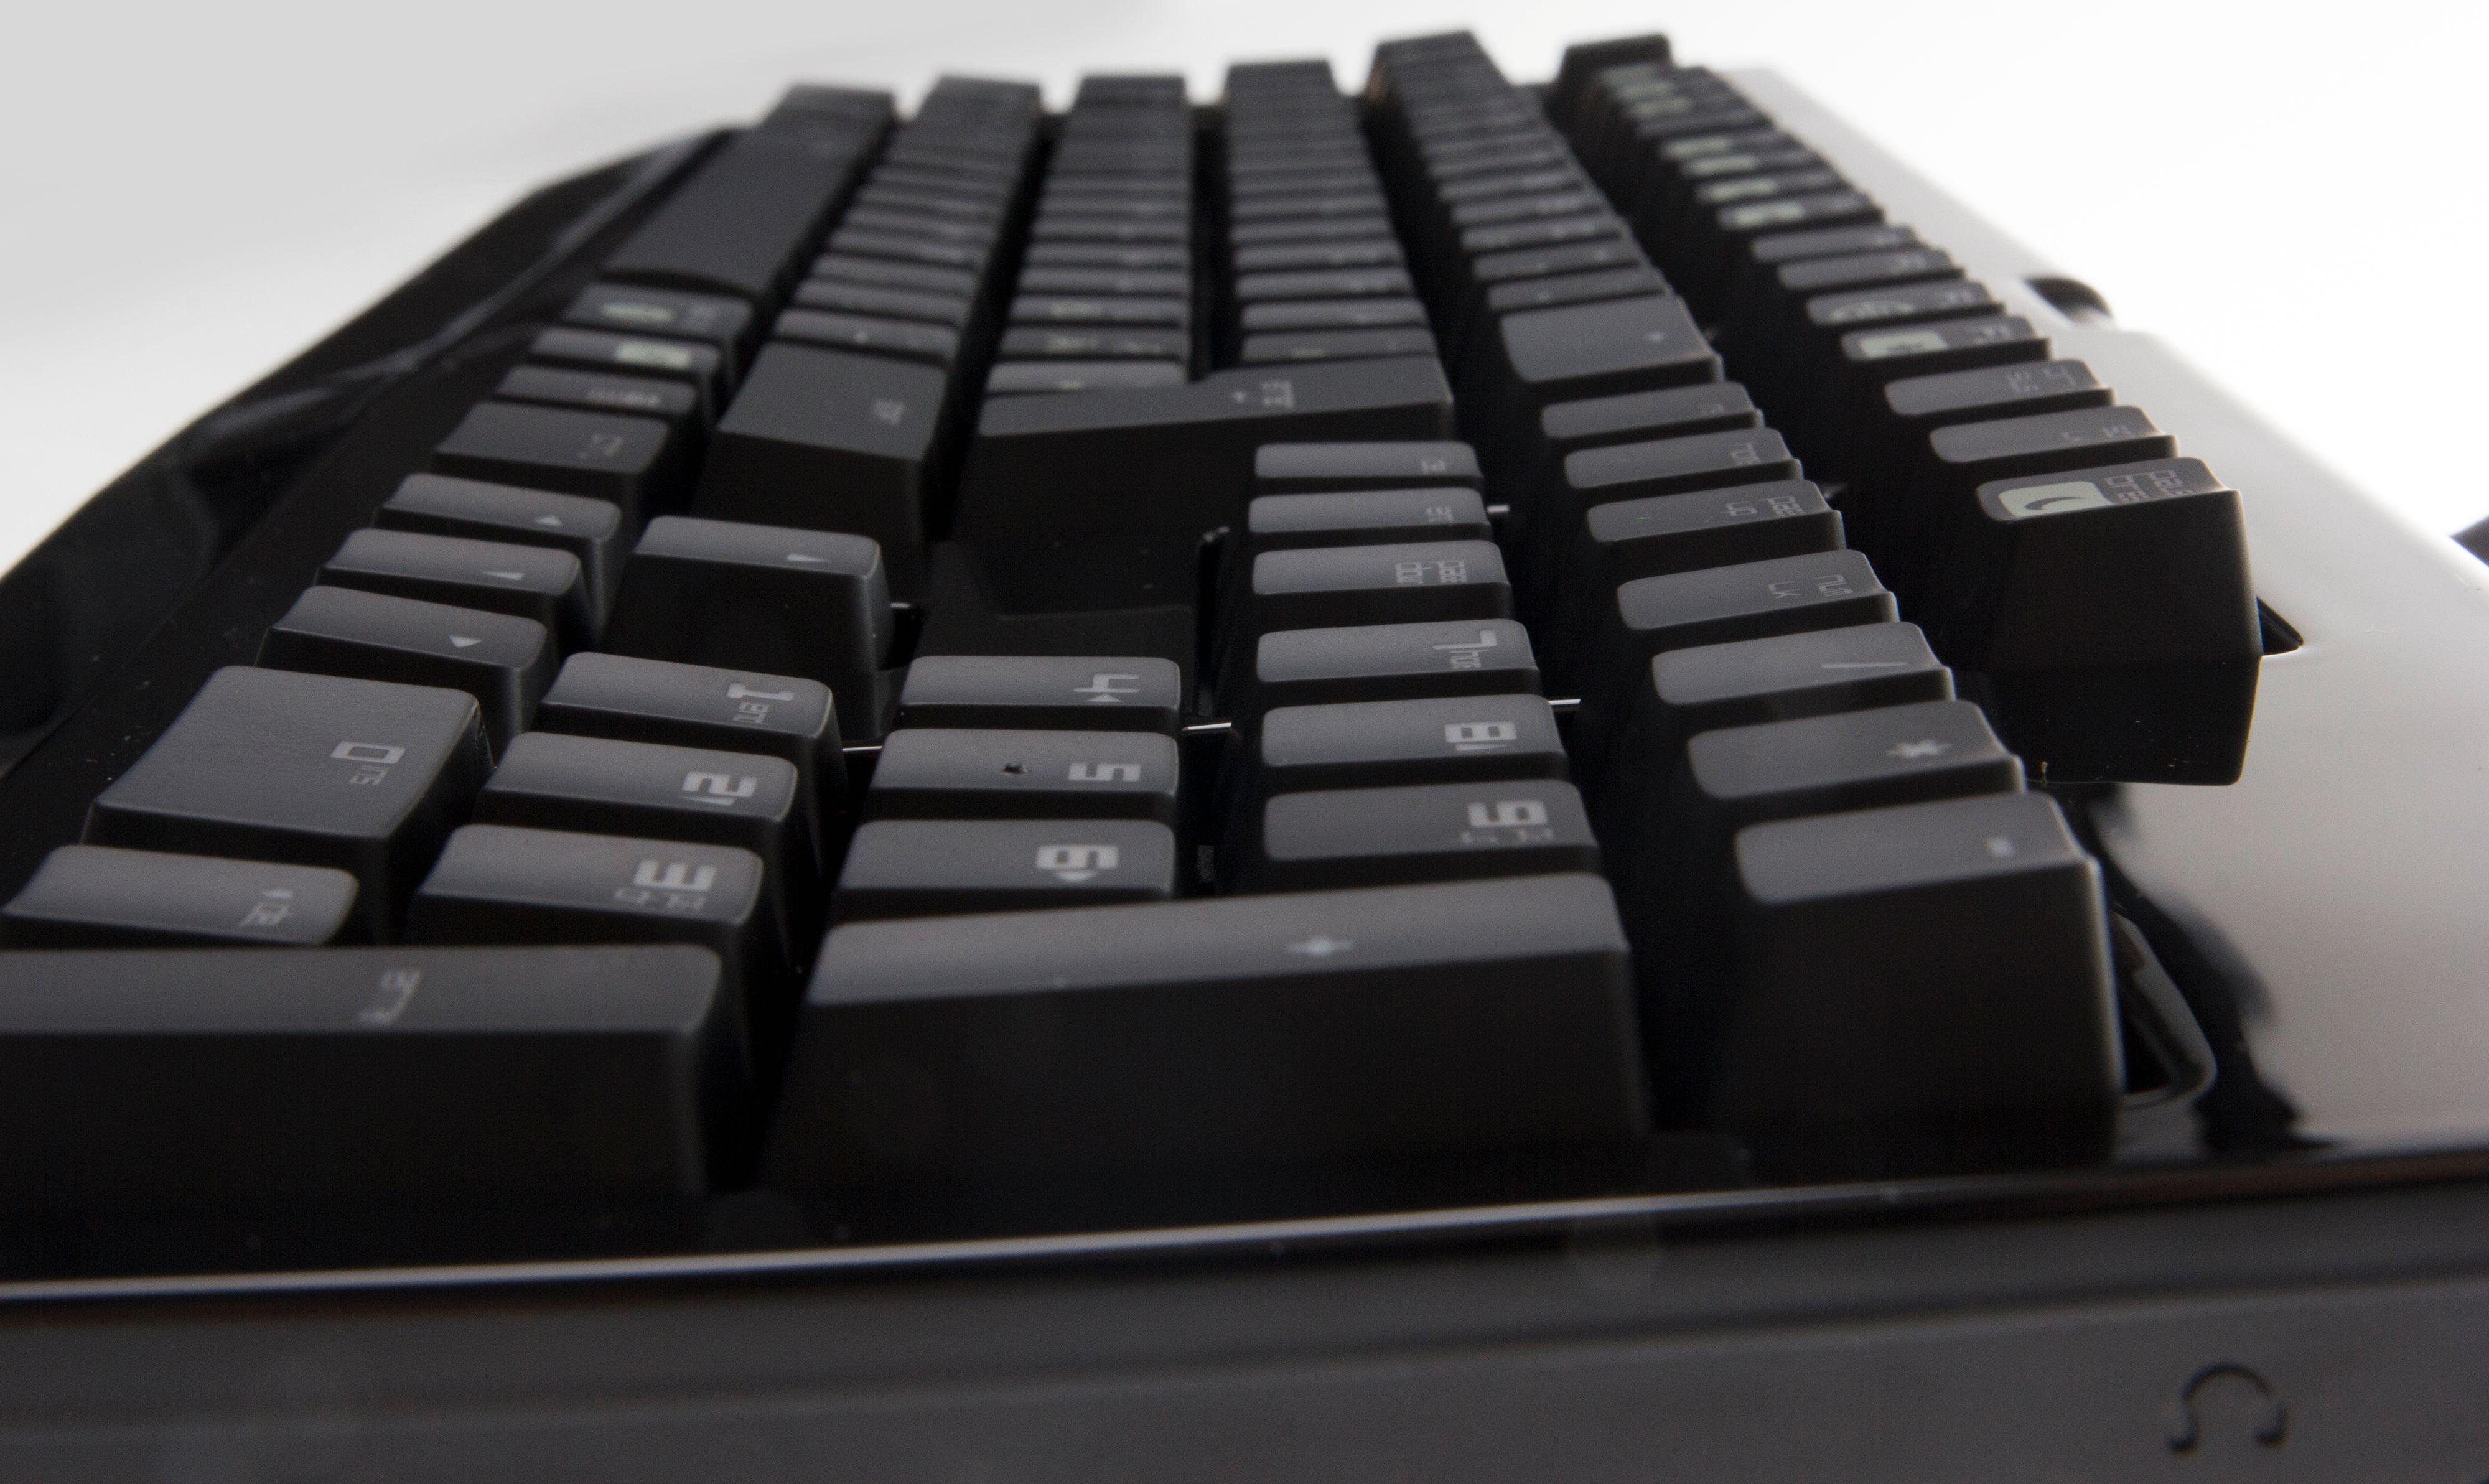 Mekaniske tastaturer er tykkere enn membrantastaturer.Foto: Niklas Plikk, Hardware.no